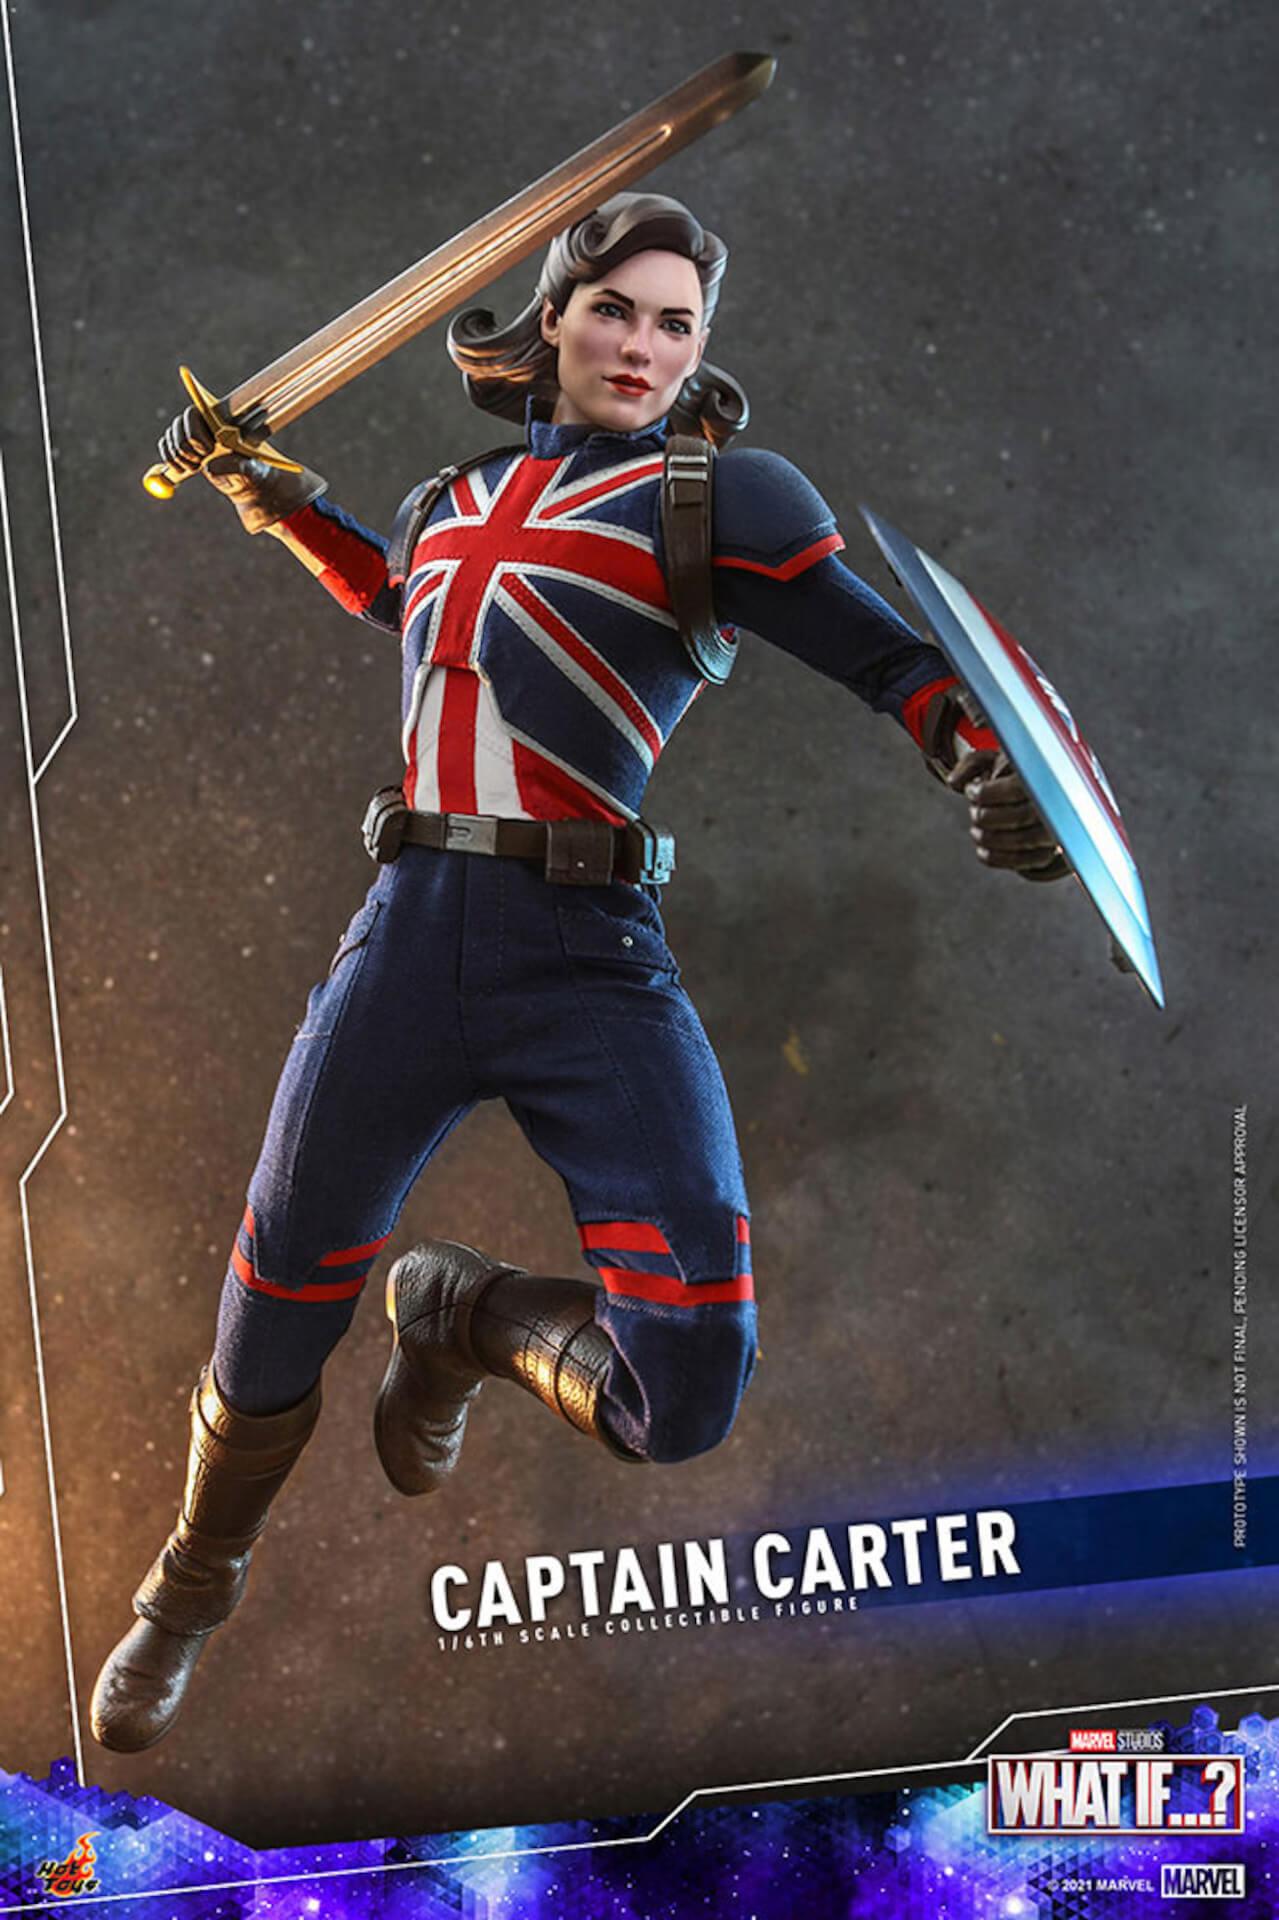 もしもの世界のヒーローがフィギュアに!マーベル・スタジオ『ホワット・イフ...?』のキャプテン・カーターがホットトイズより登場 art210921_captaincarter_hottoys_3